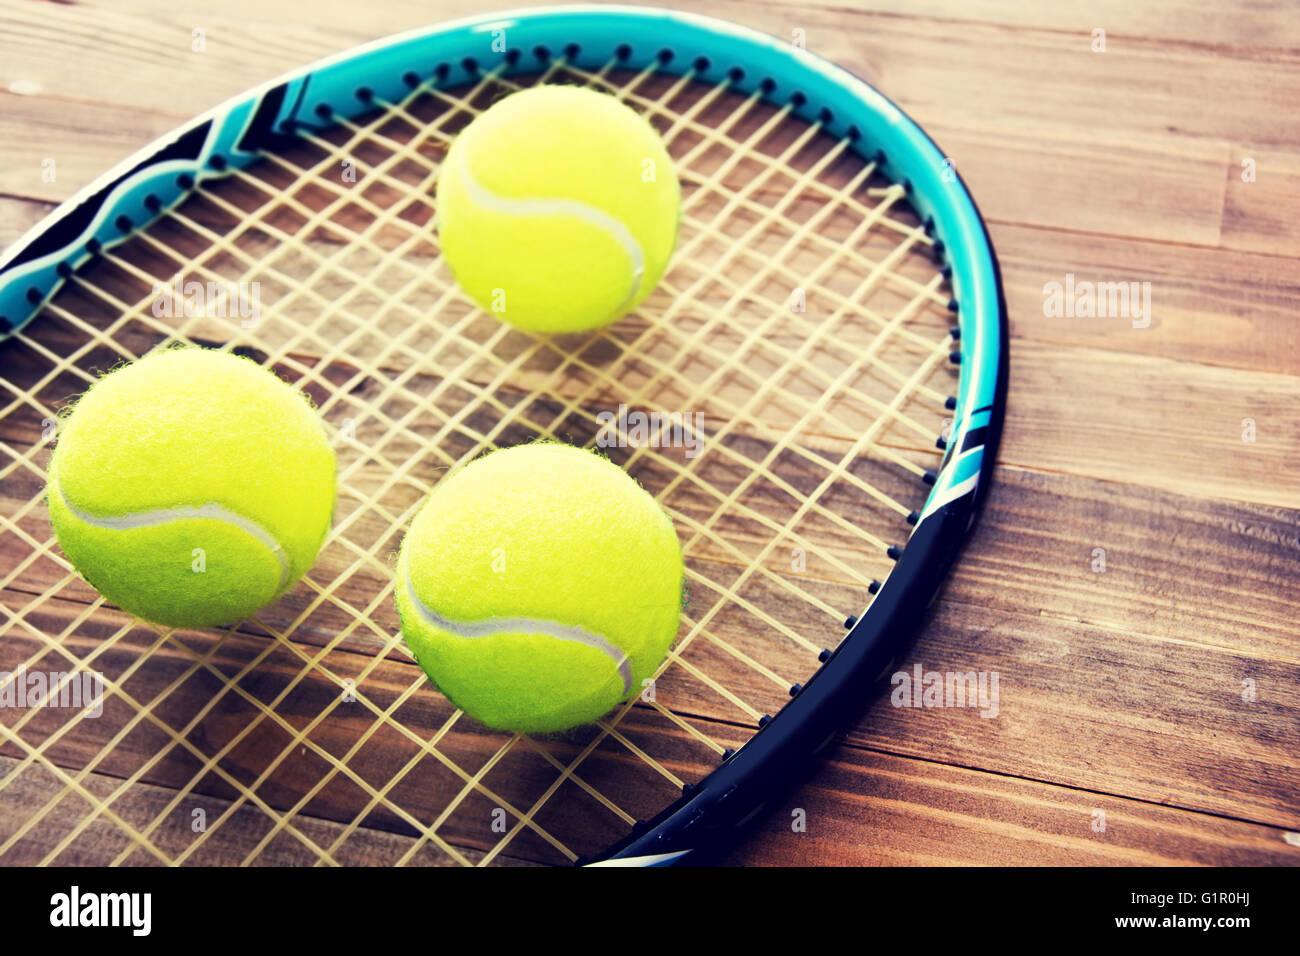 Jeu de tennis. Balle de tennis sur fond de bois. Retro Vintage photo. Photo Stock